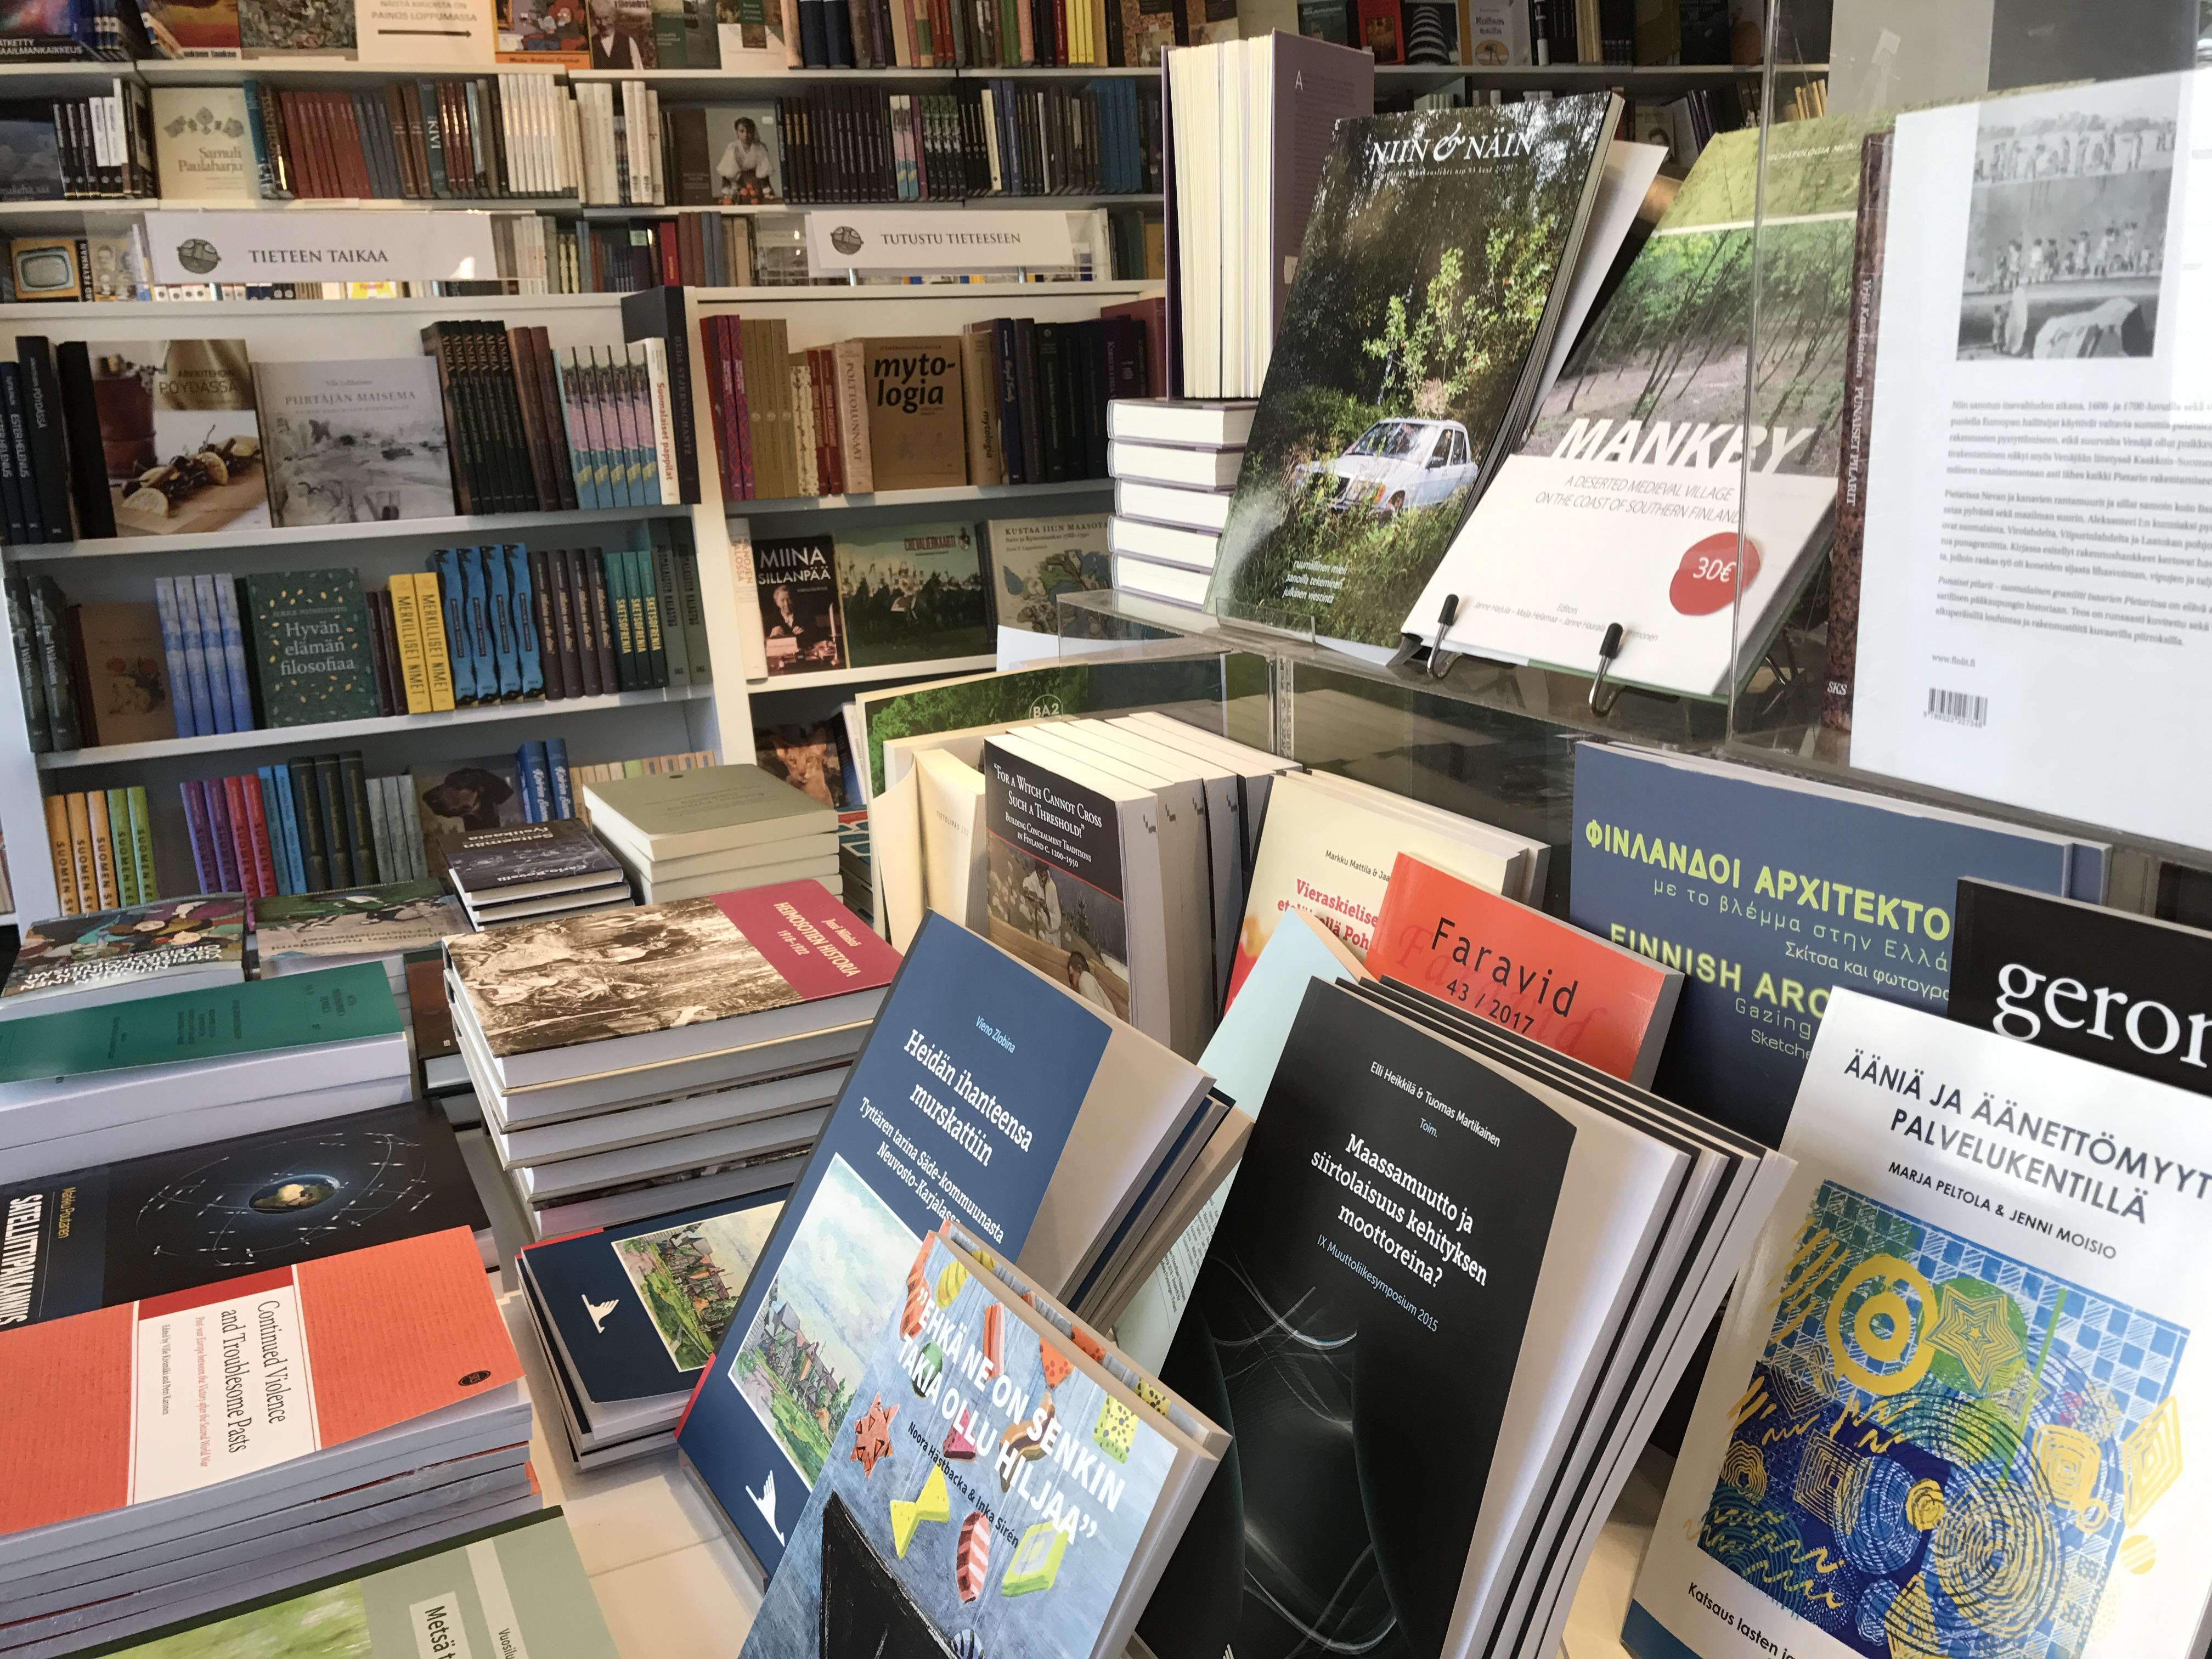 Tiedekirjan kirjoja esillä myymälässä.